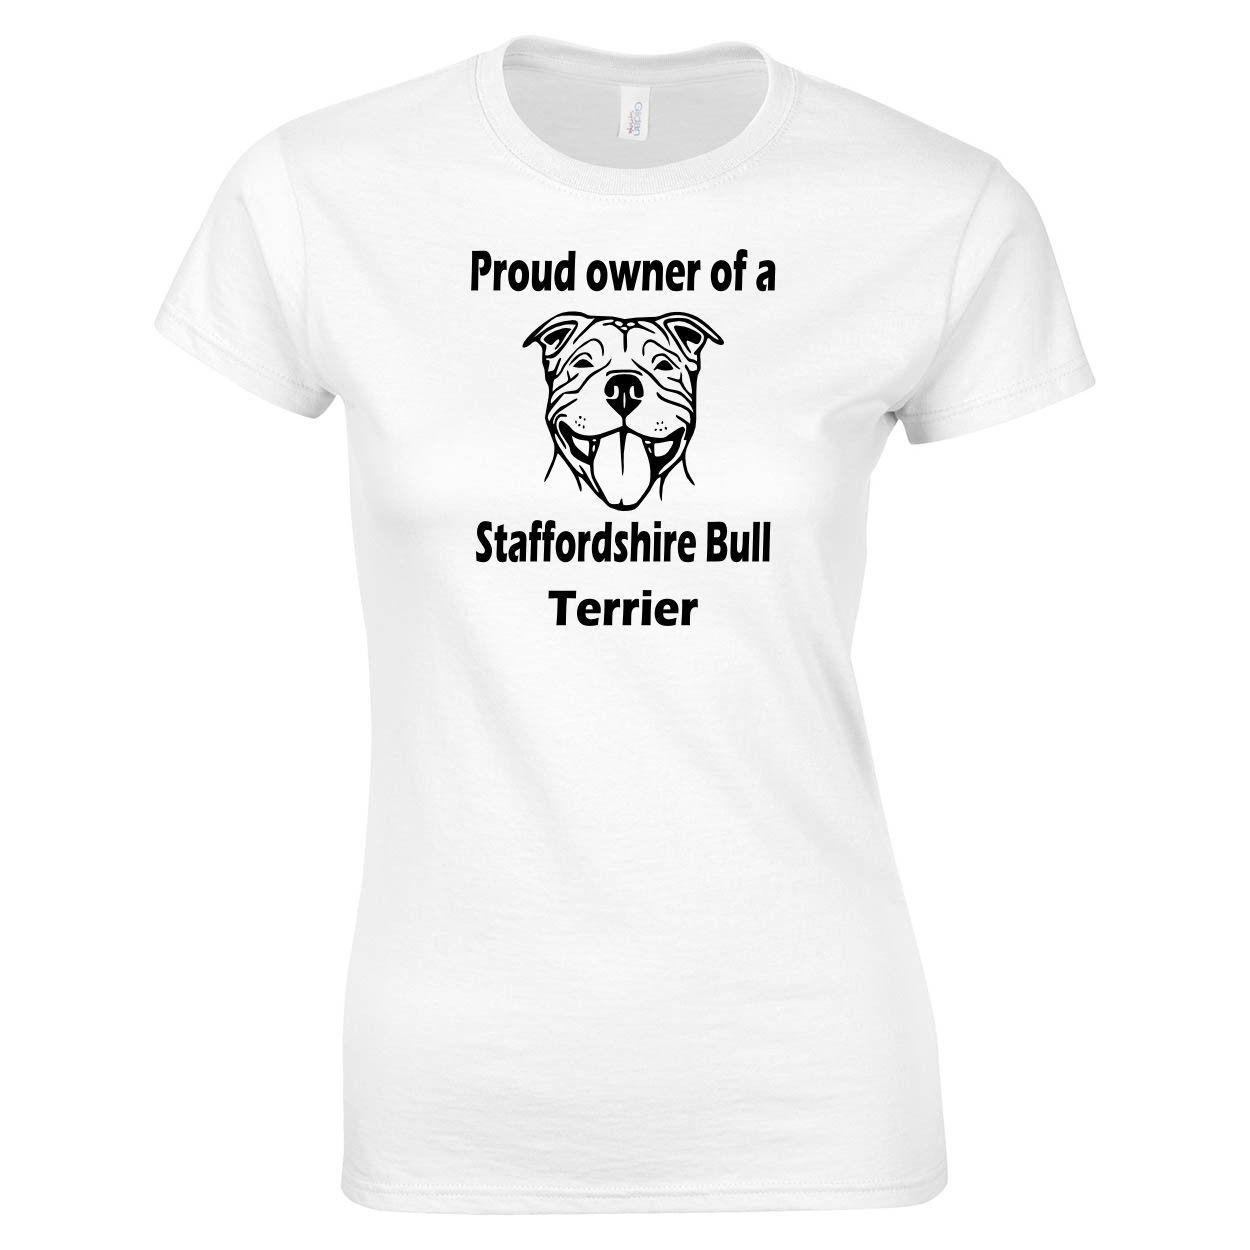 Senhoras Camiseta Proprietário orgulhoso de um Staffordshire bull terrier Camisa fresca homens Casual orgulho t Unisex New forma camisetas partes superiores engraçadas